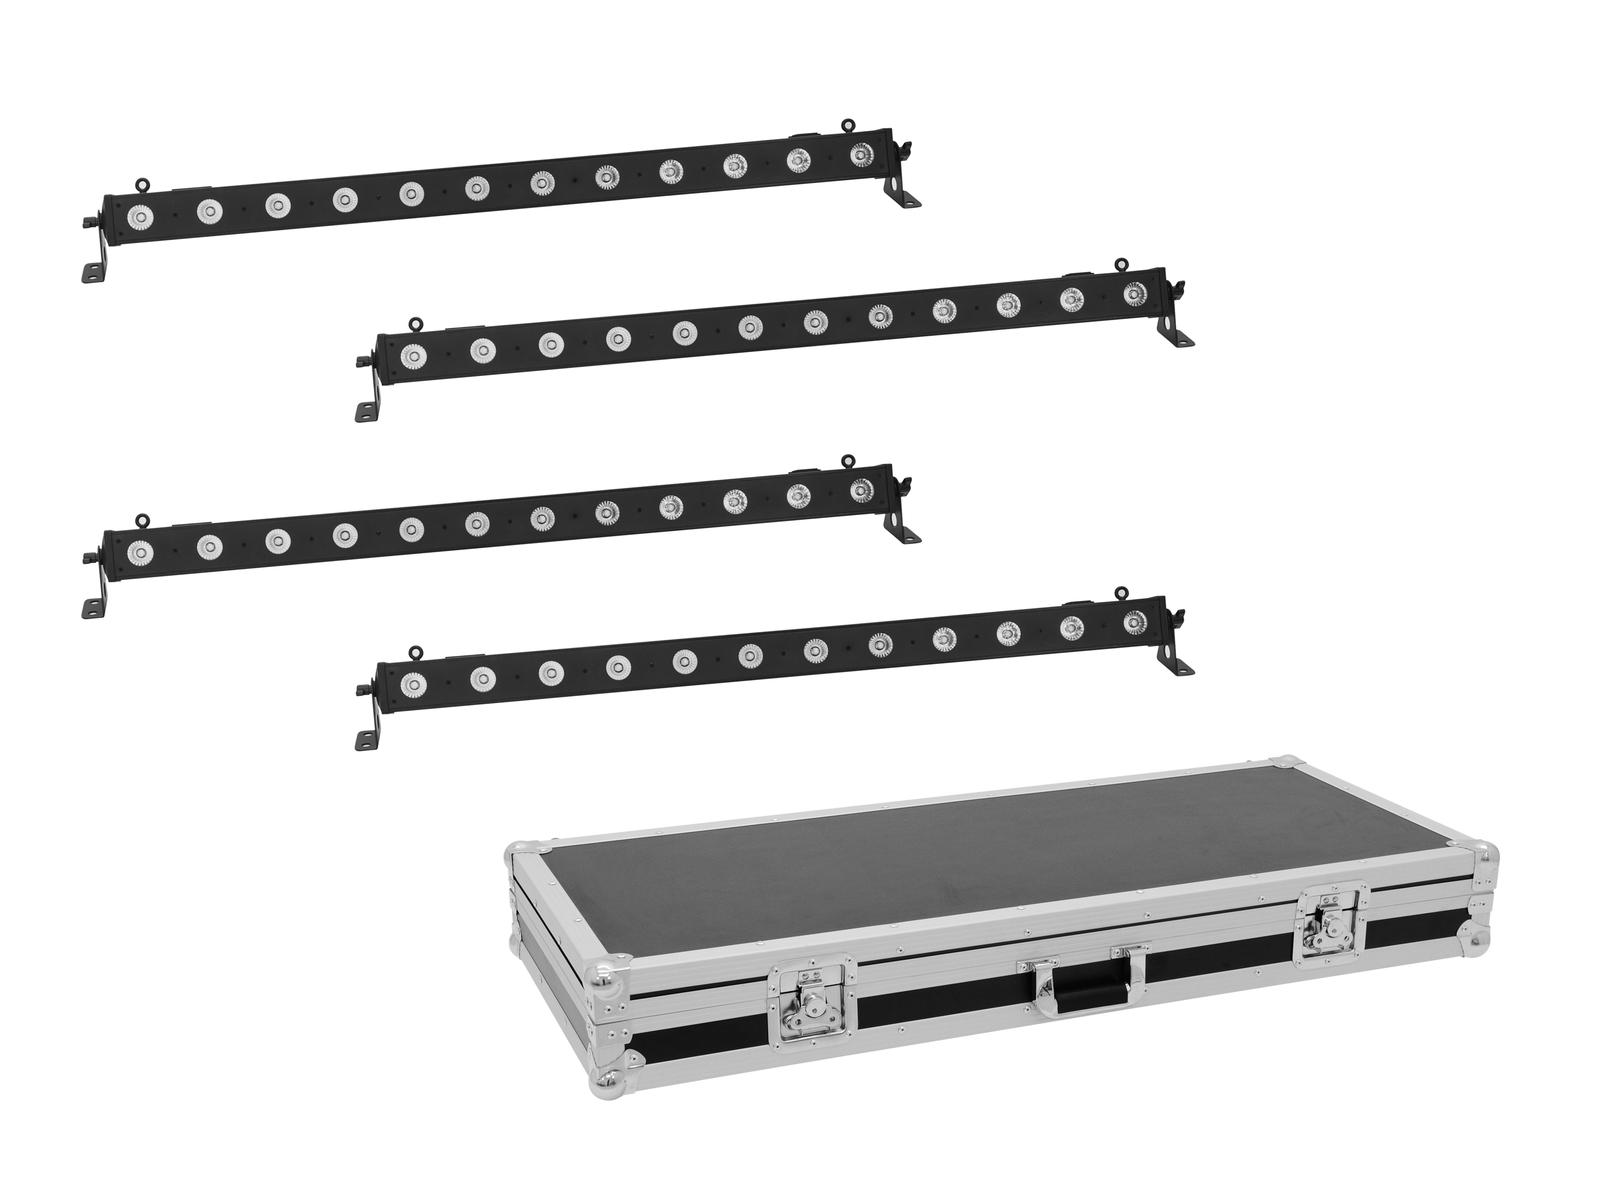 eurolite-set-4x-led-bar-12-qcl-rgba-leiste-case